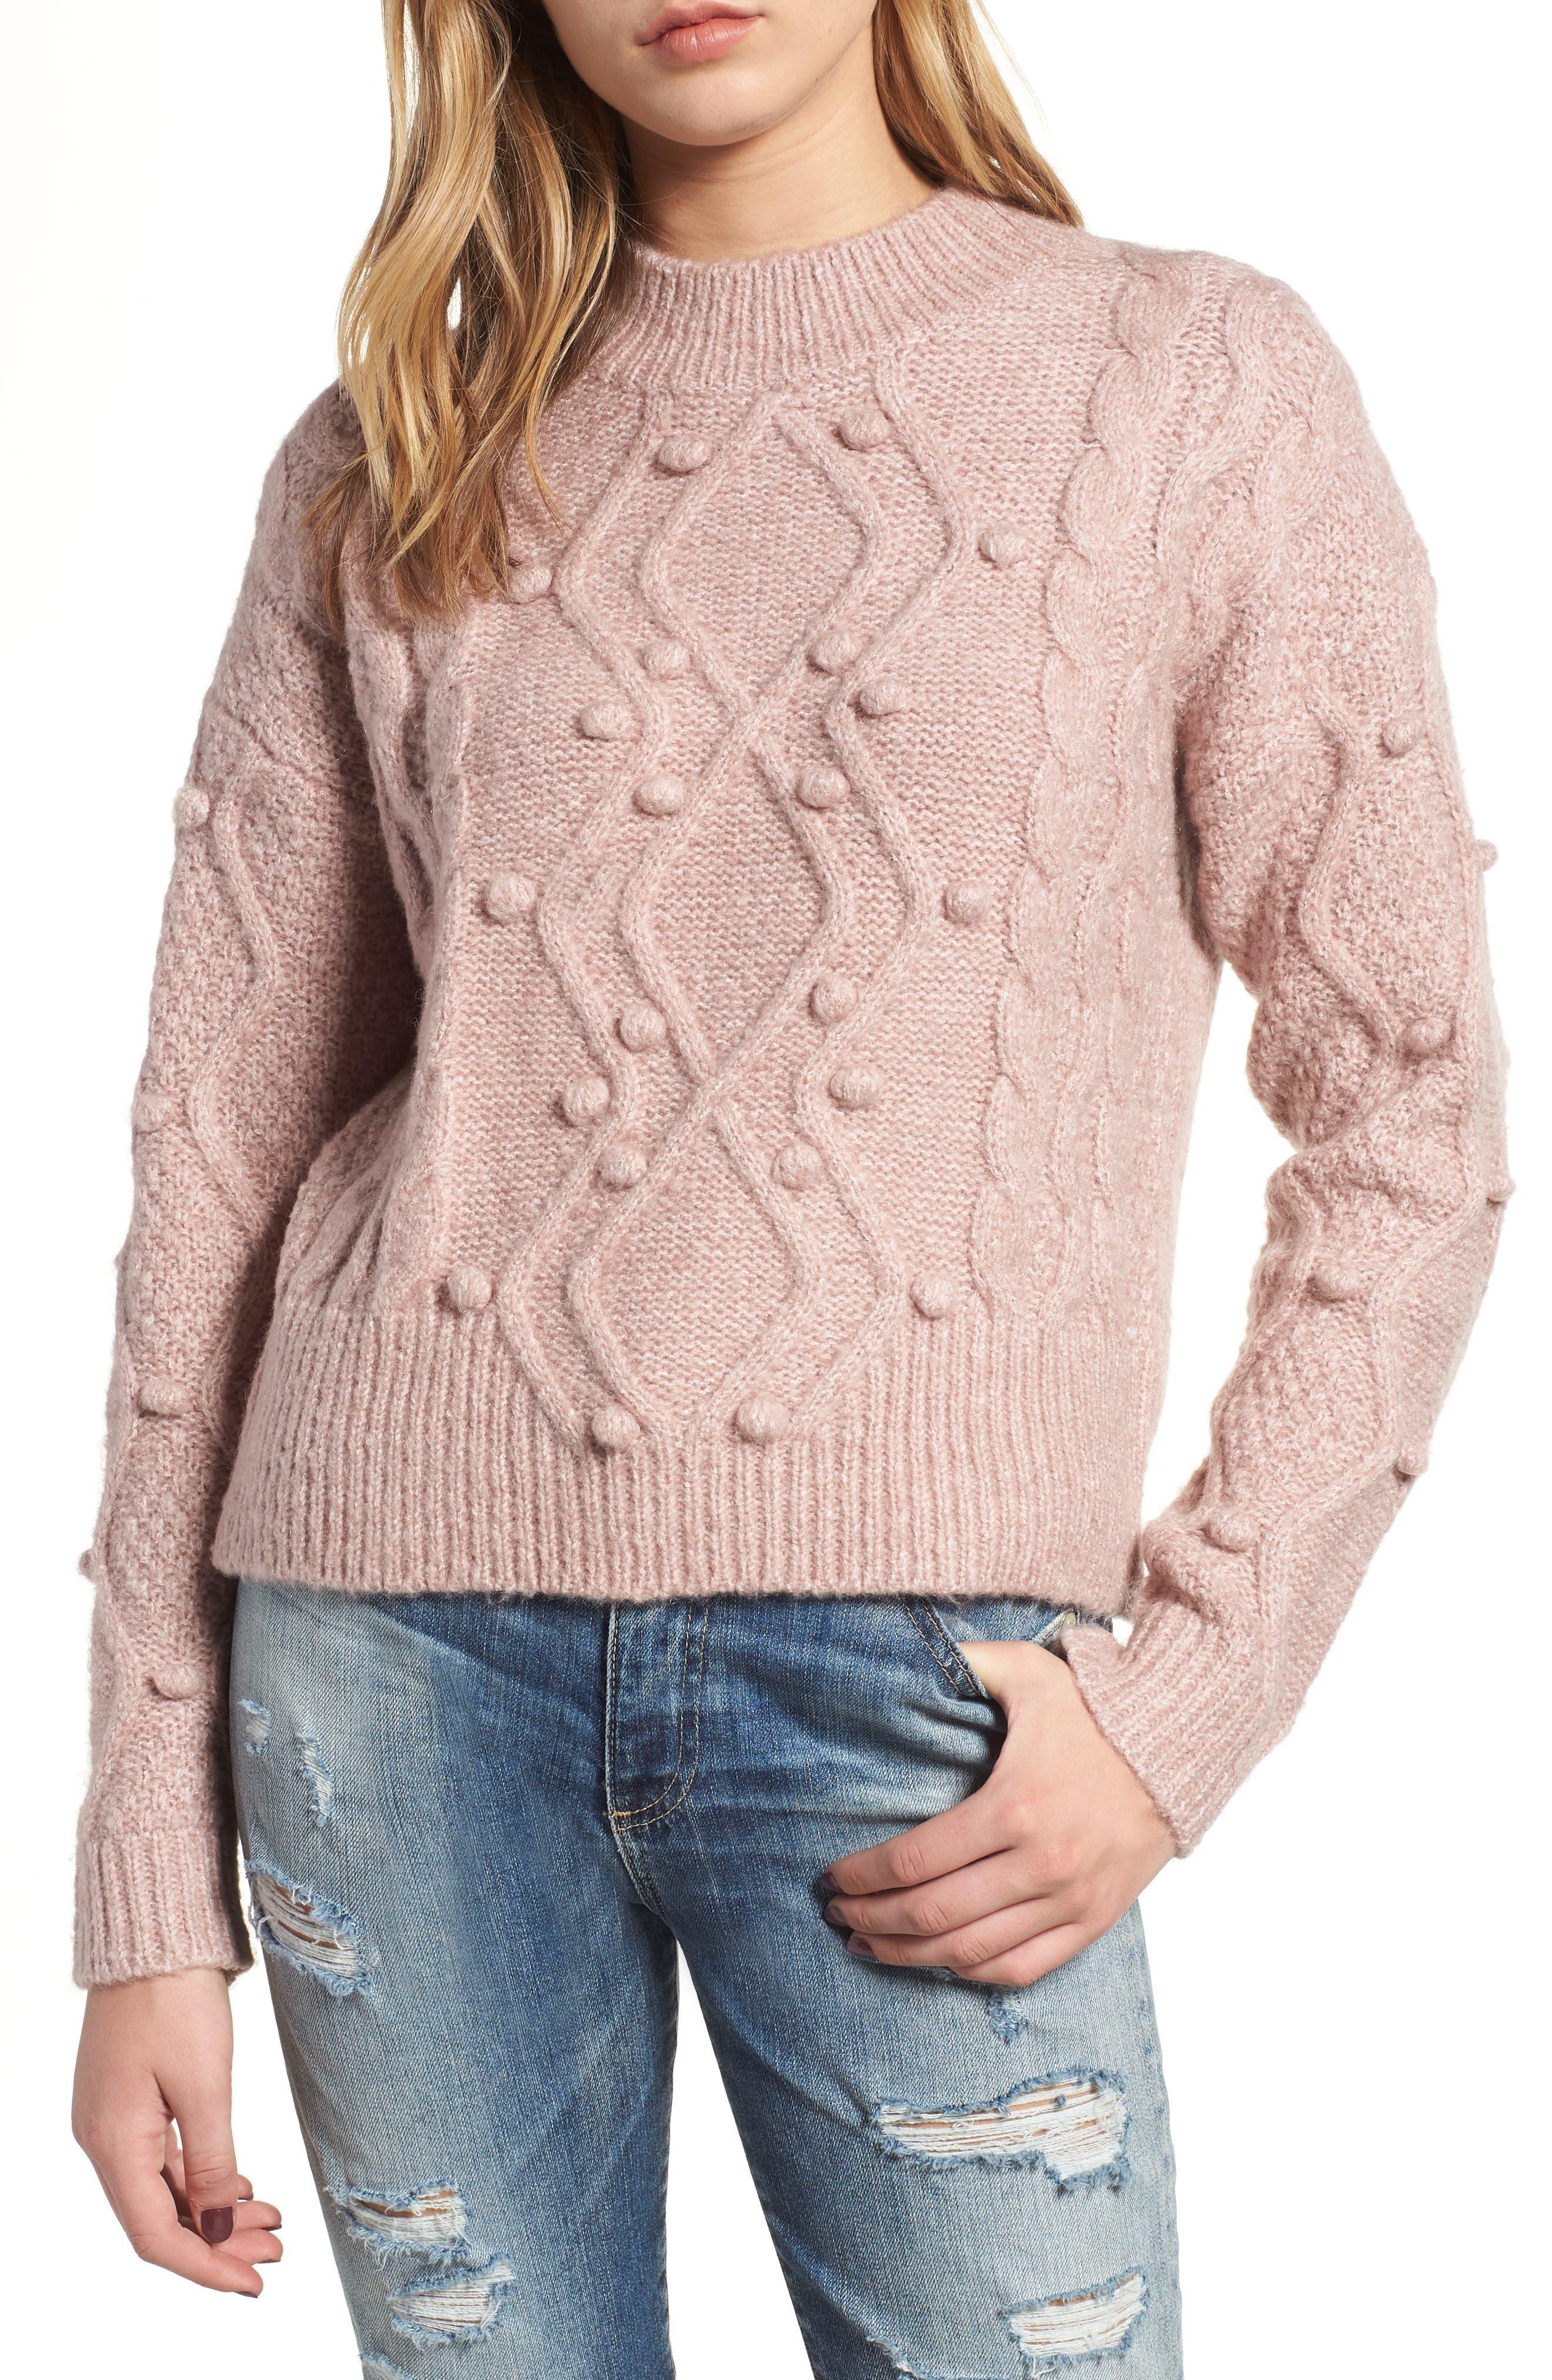 HEARTLOOM Hazel Sweater in Mauve